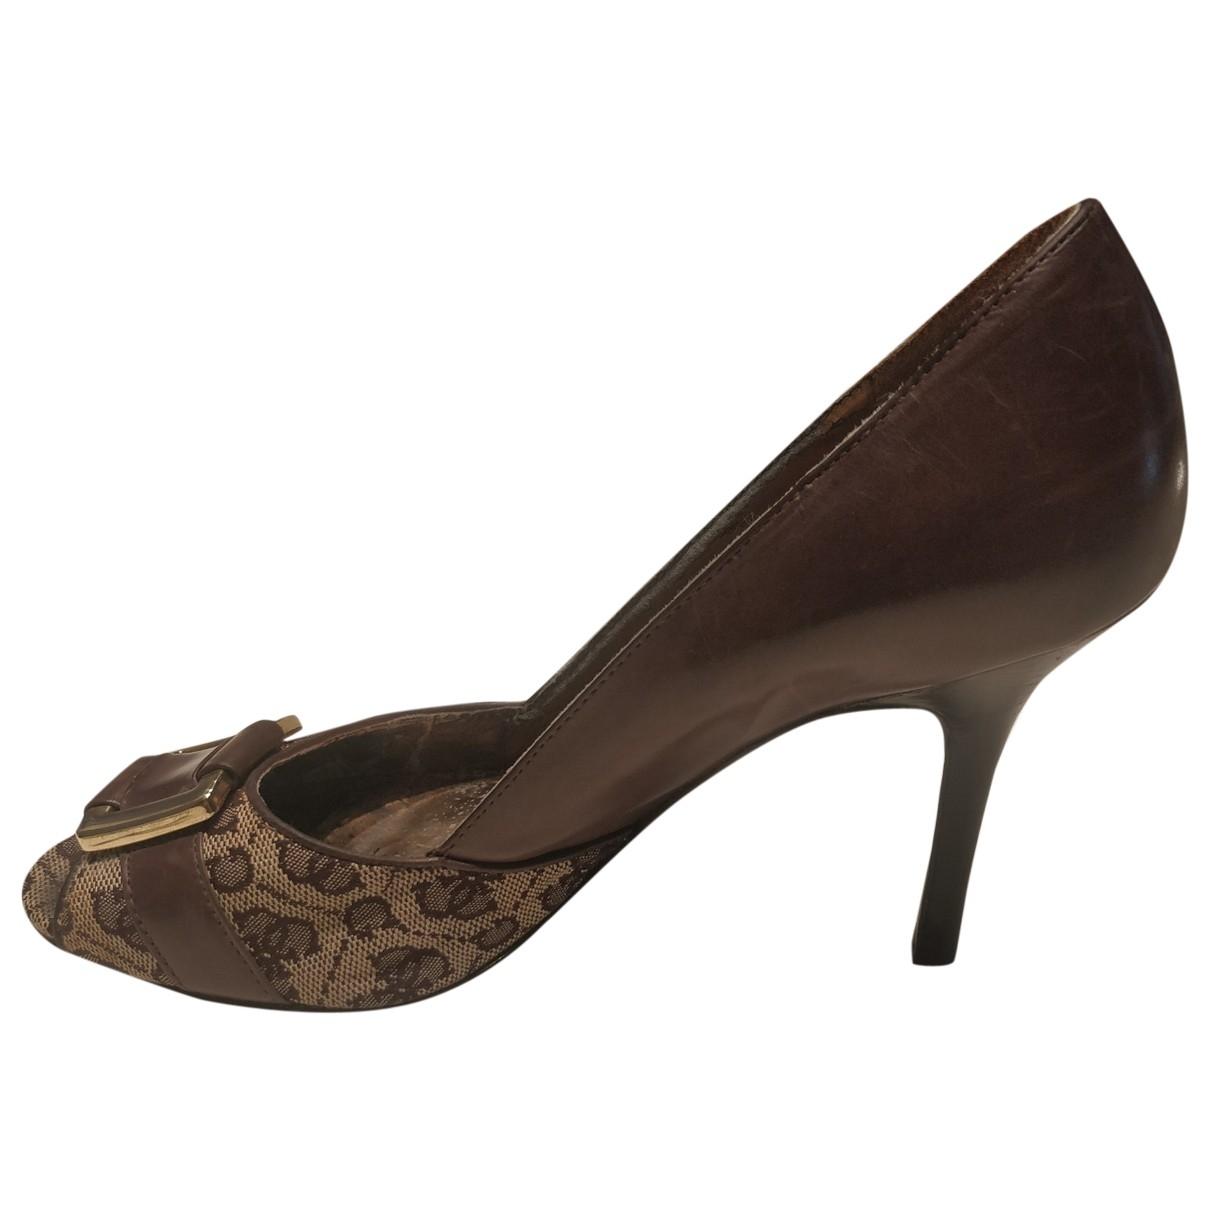 Guess - Escarpins   pour femme en cuir - marron